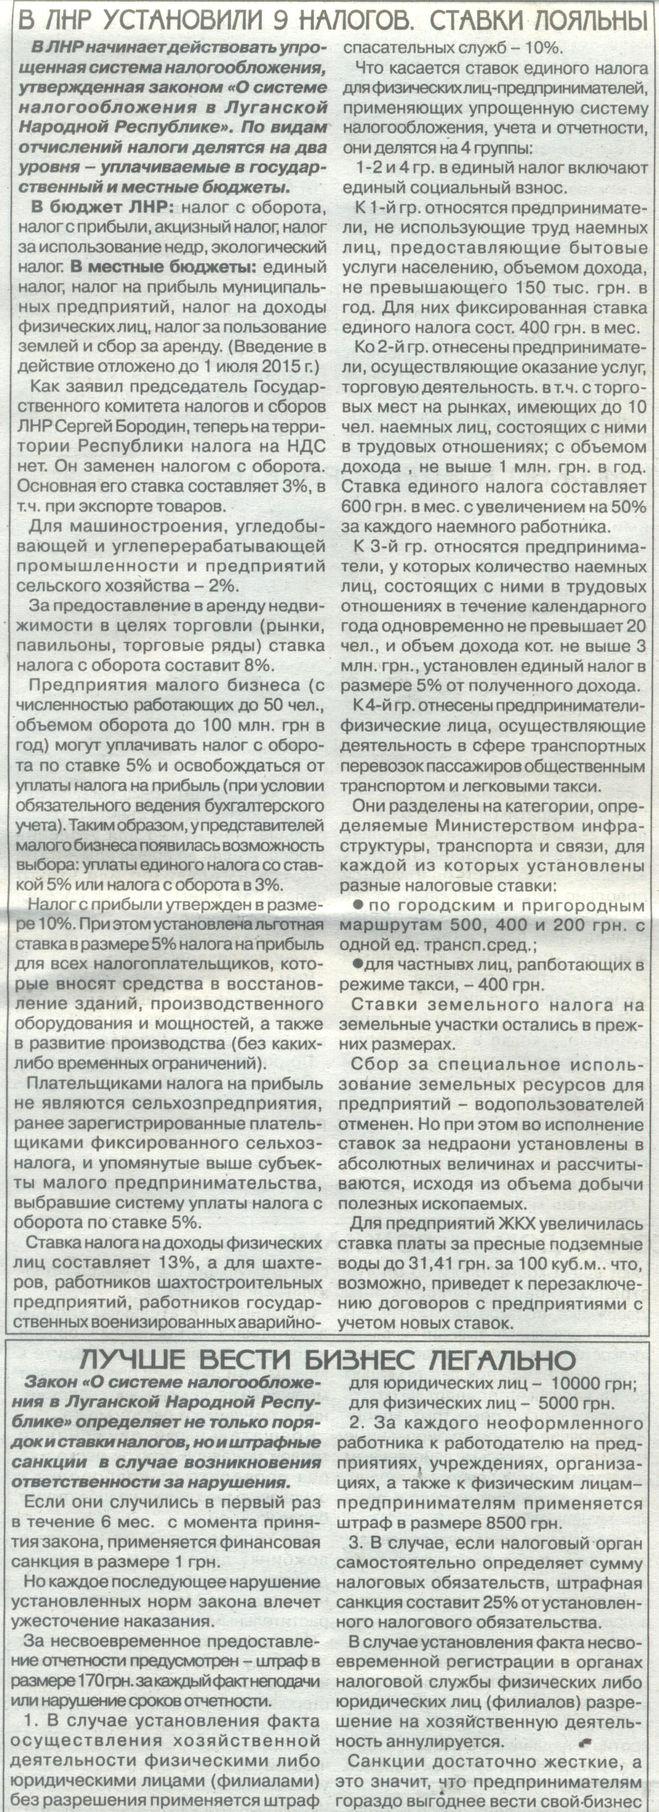 ставки налогов ЛНР